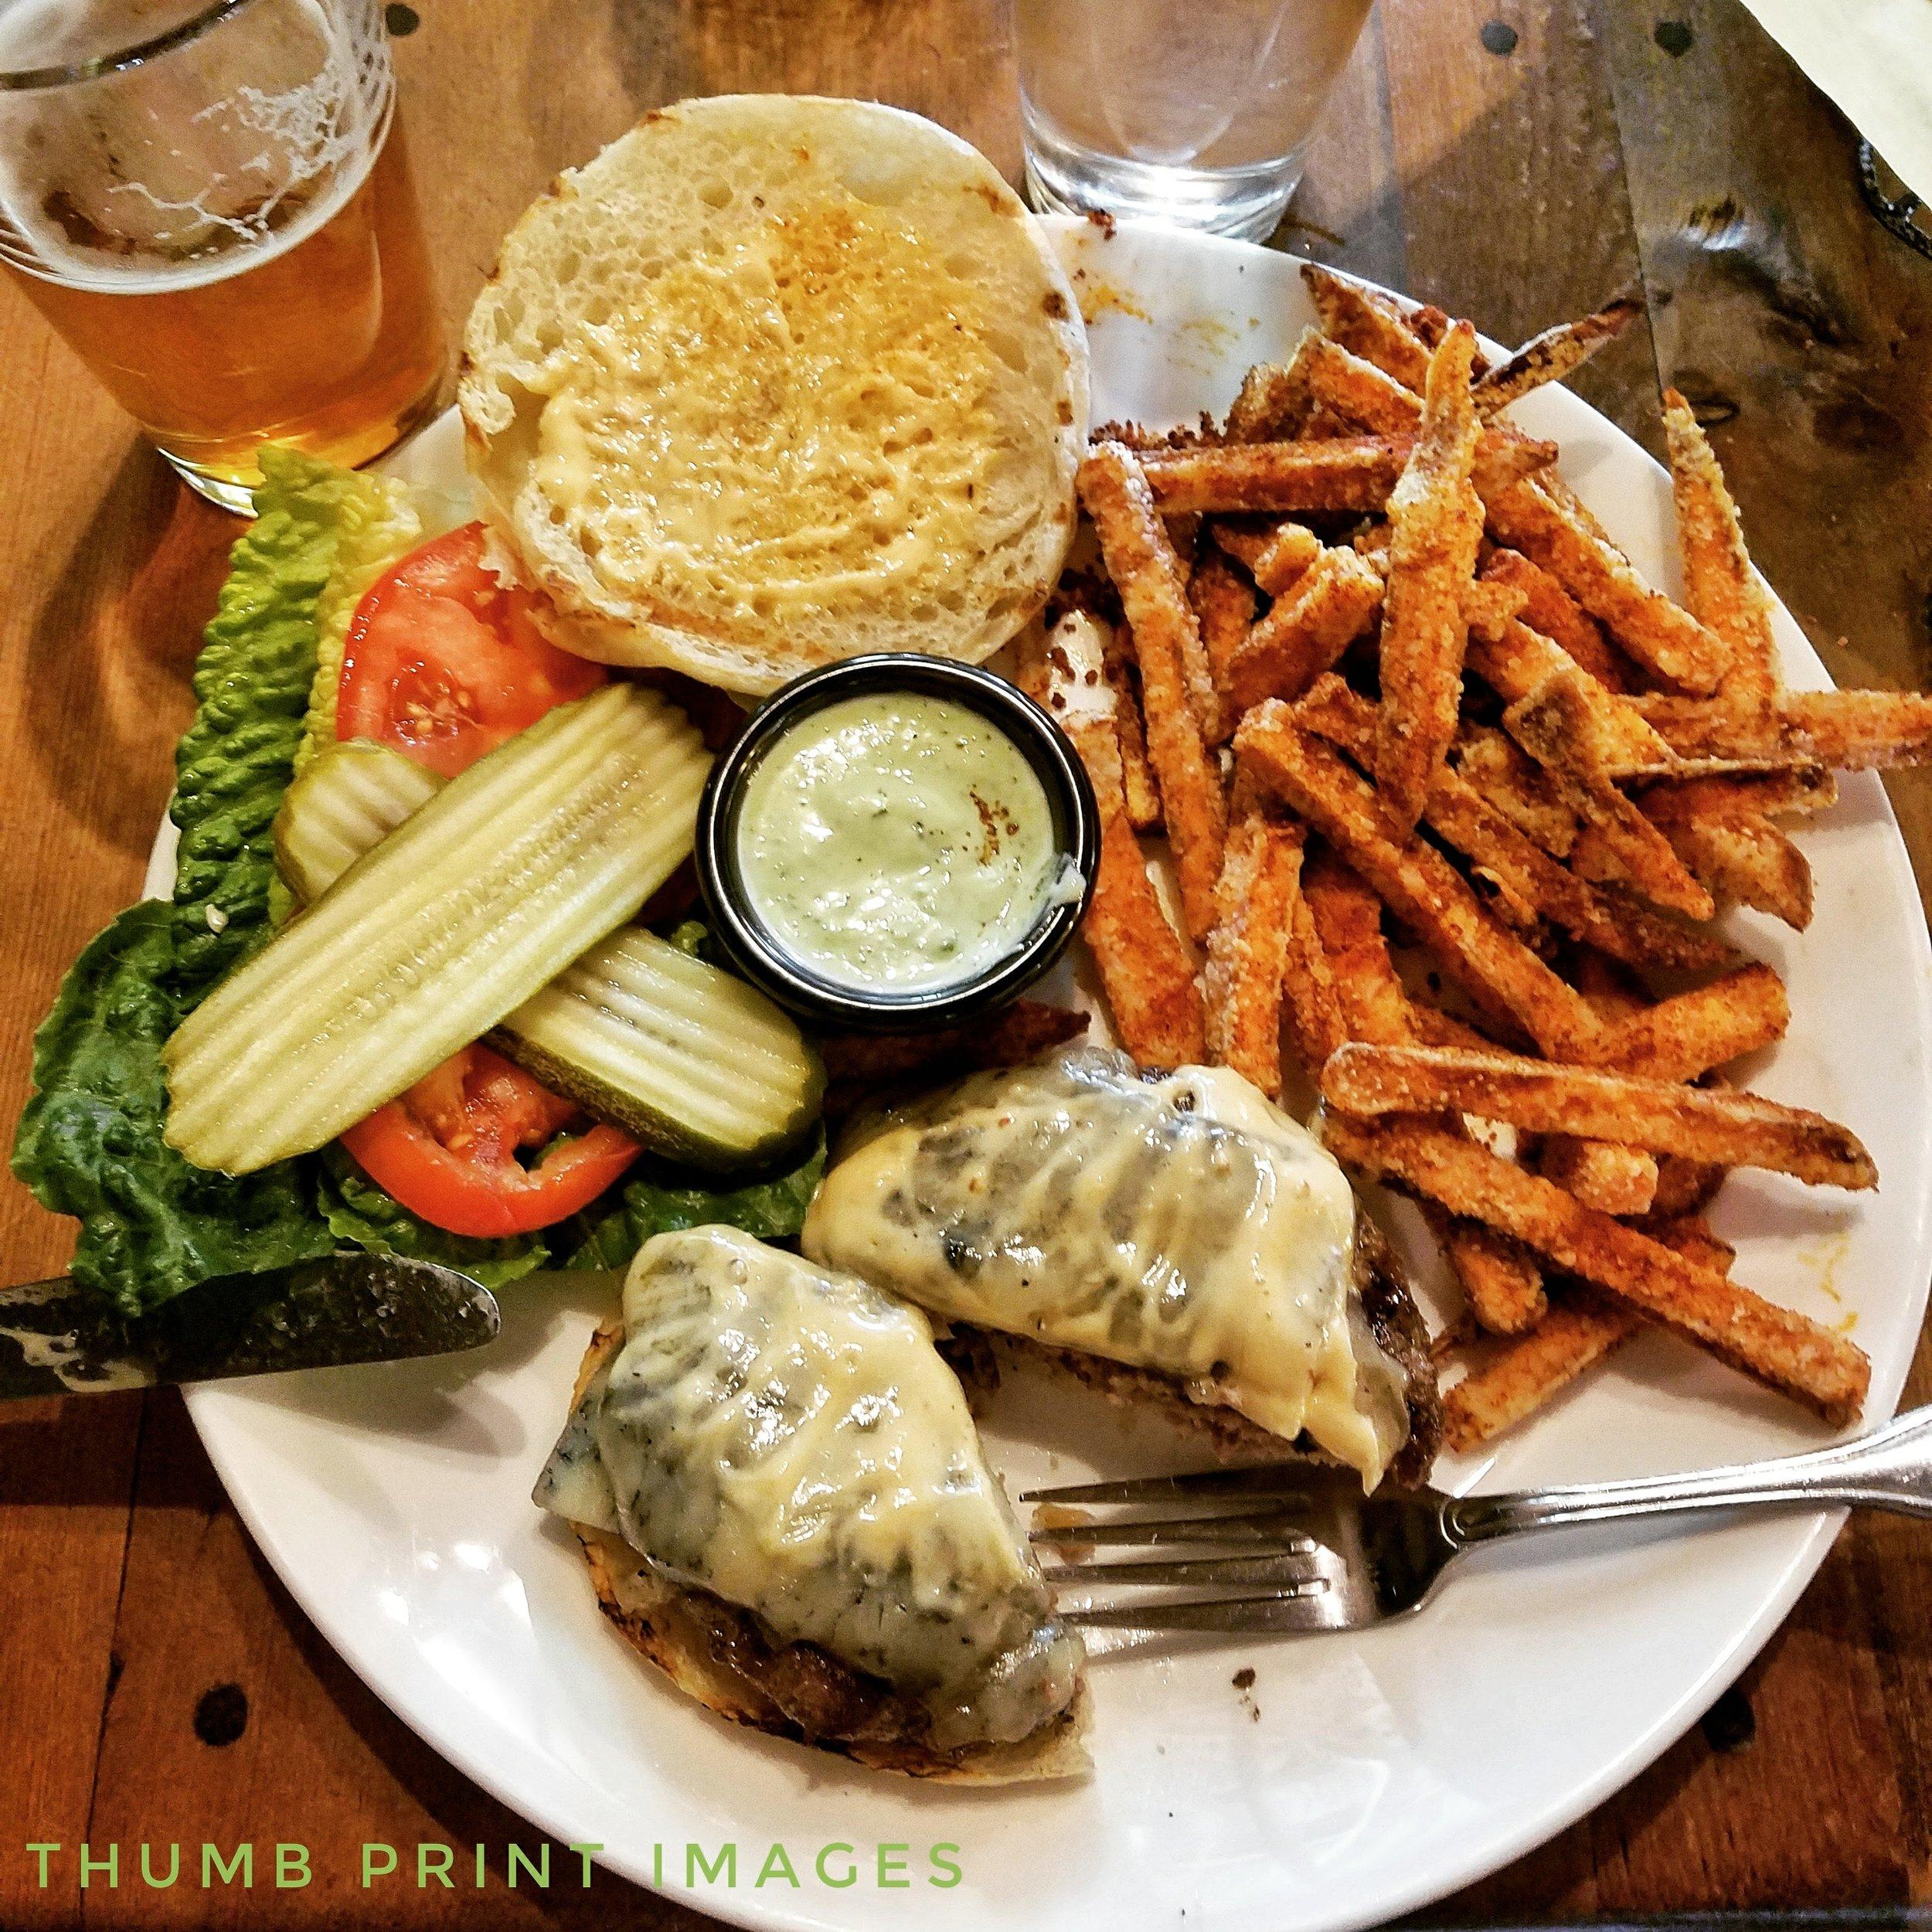 lunch in murphys.jpg